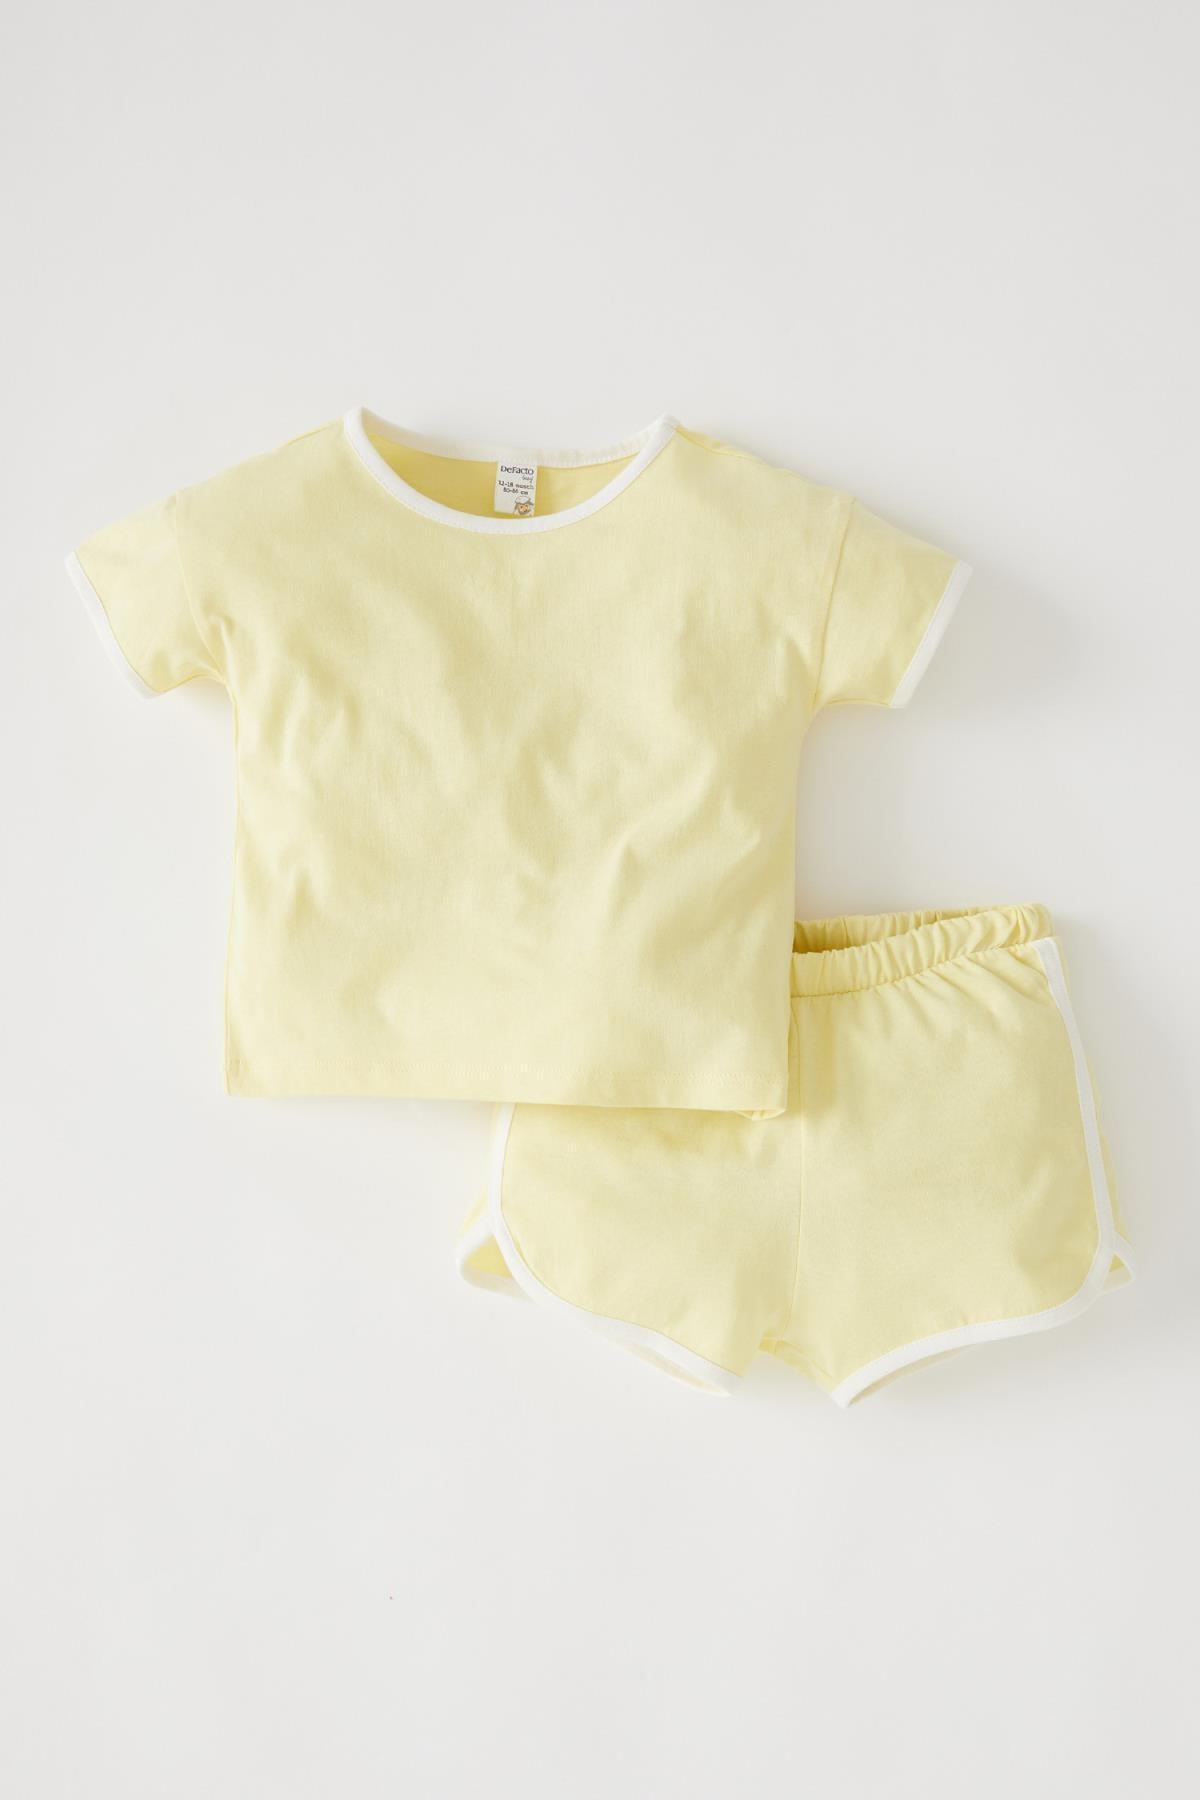 DeFacto Sarı Kız Bebek Kısa Kollu Tişört Ve Şort Takımı V6348A221HS